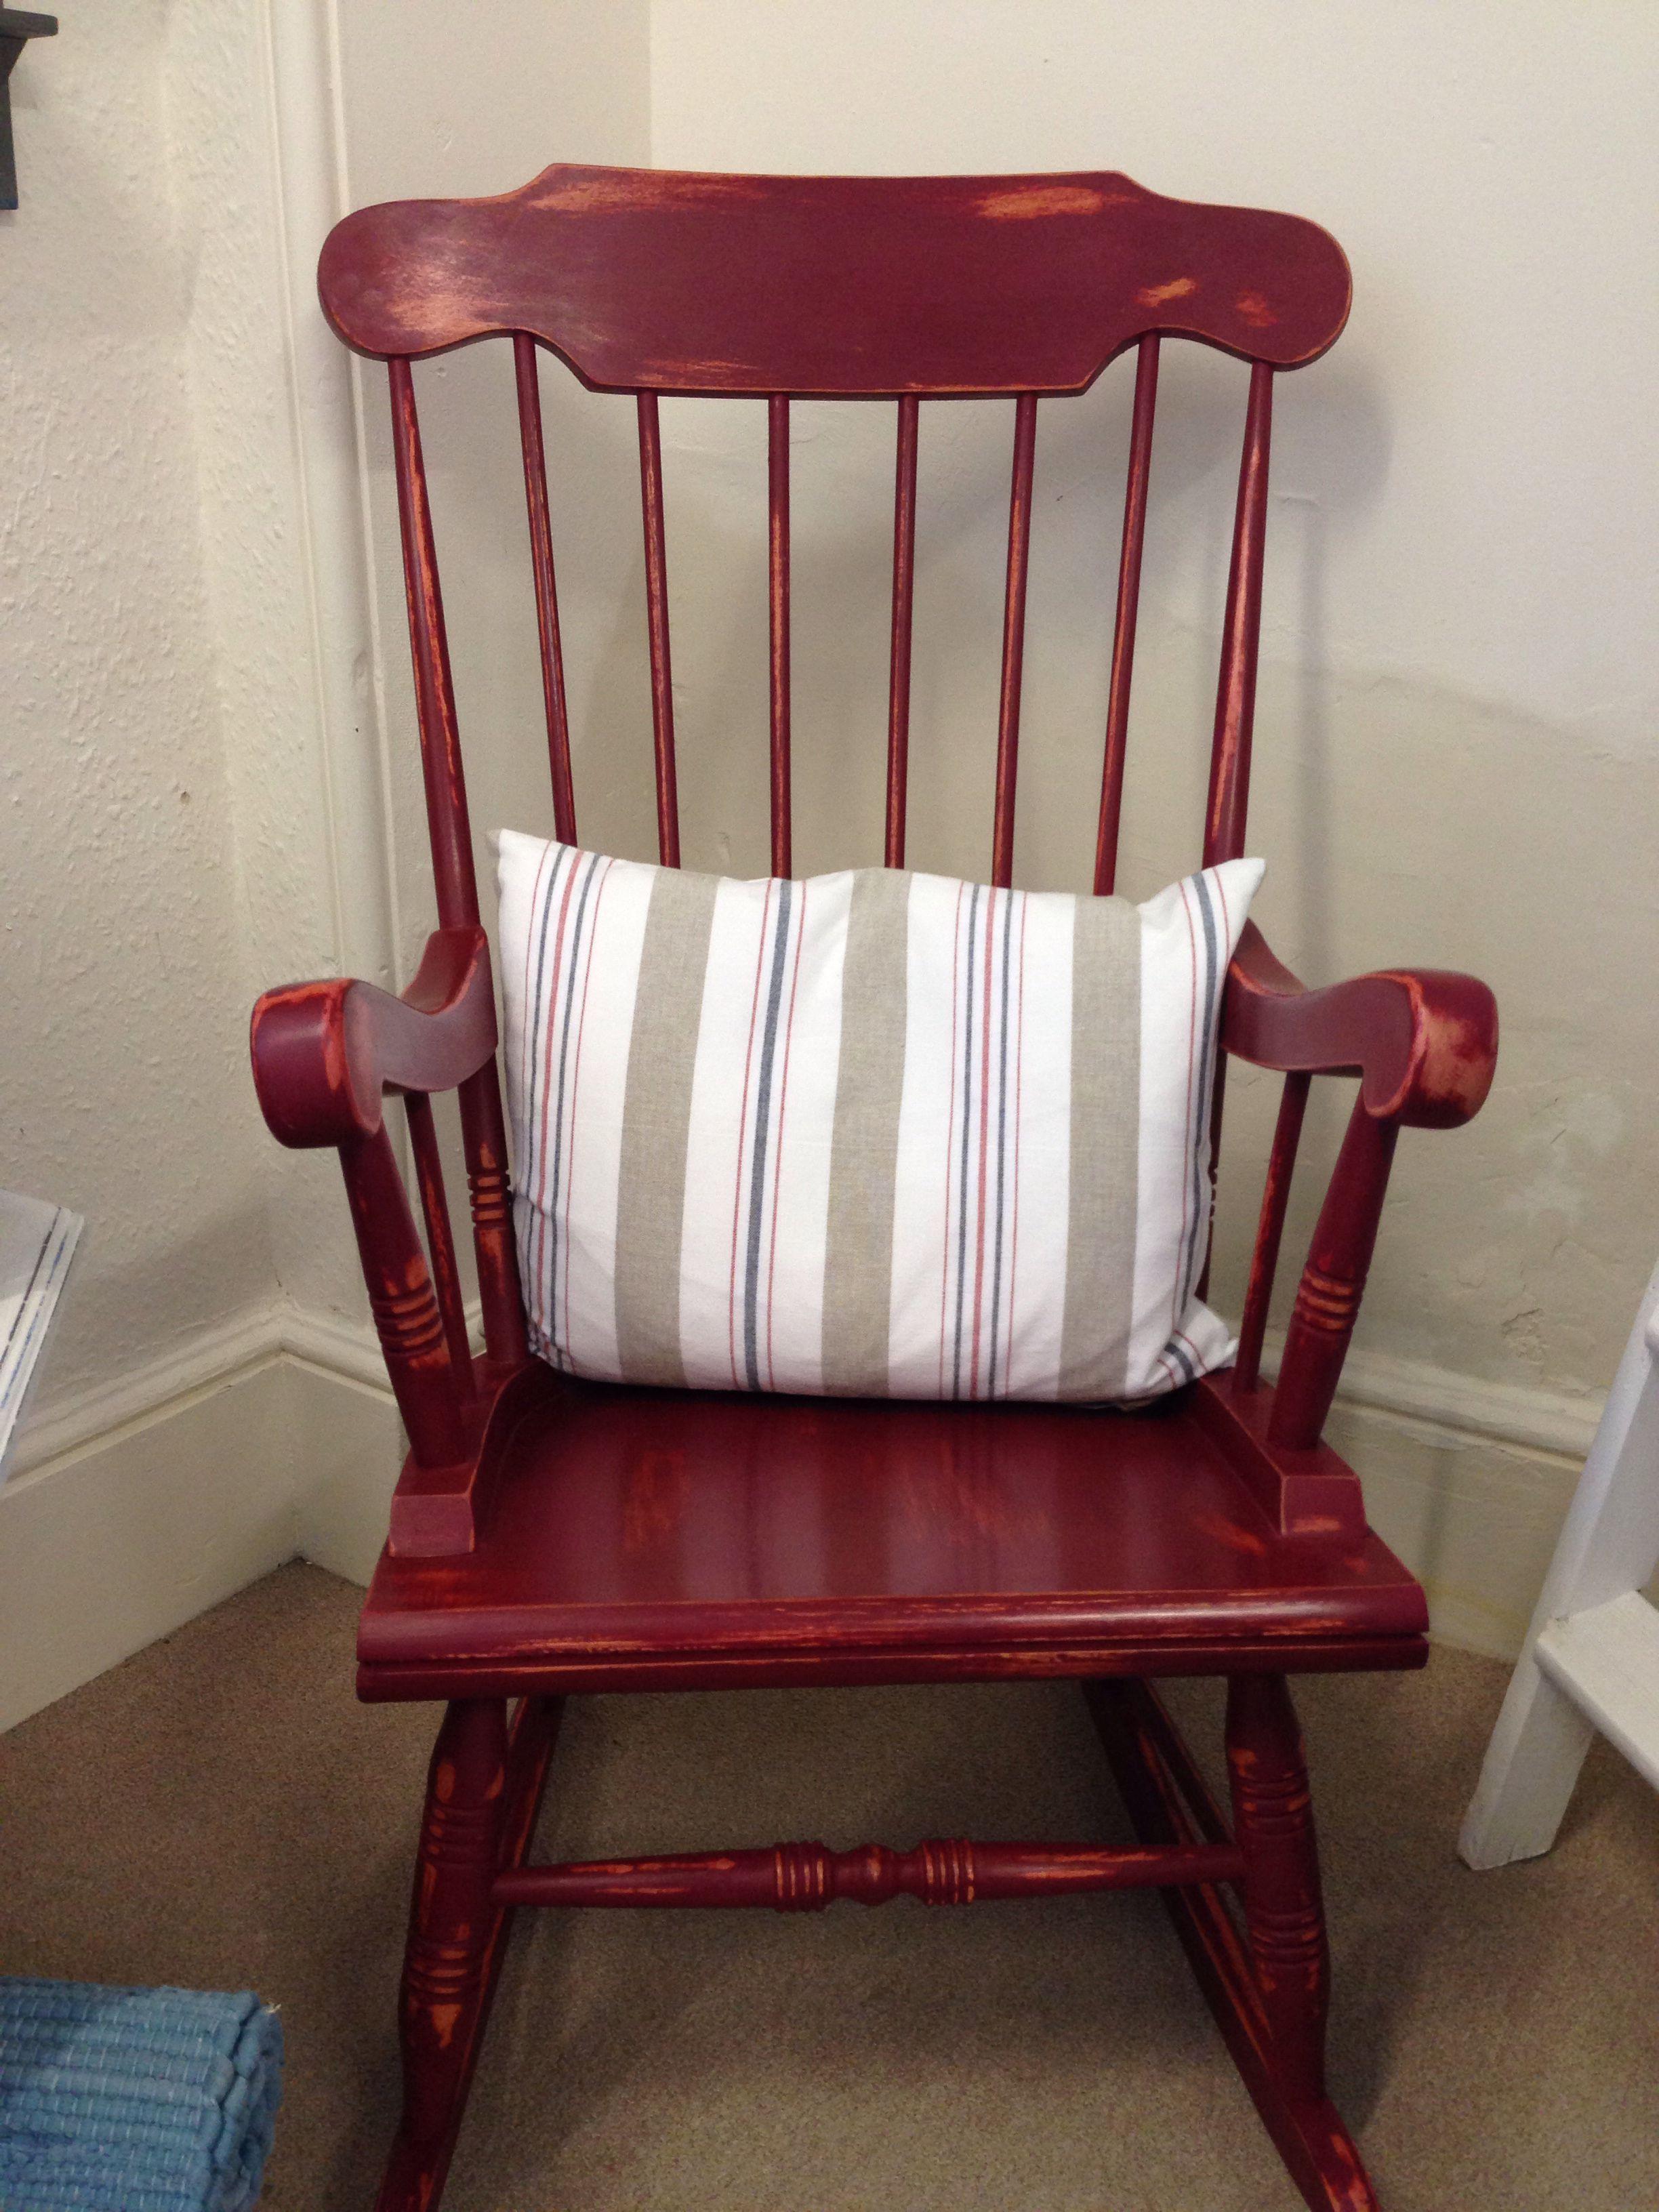 Rocking Chair In Annie Sloan Burgundy Chalk Paint Diy